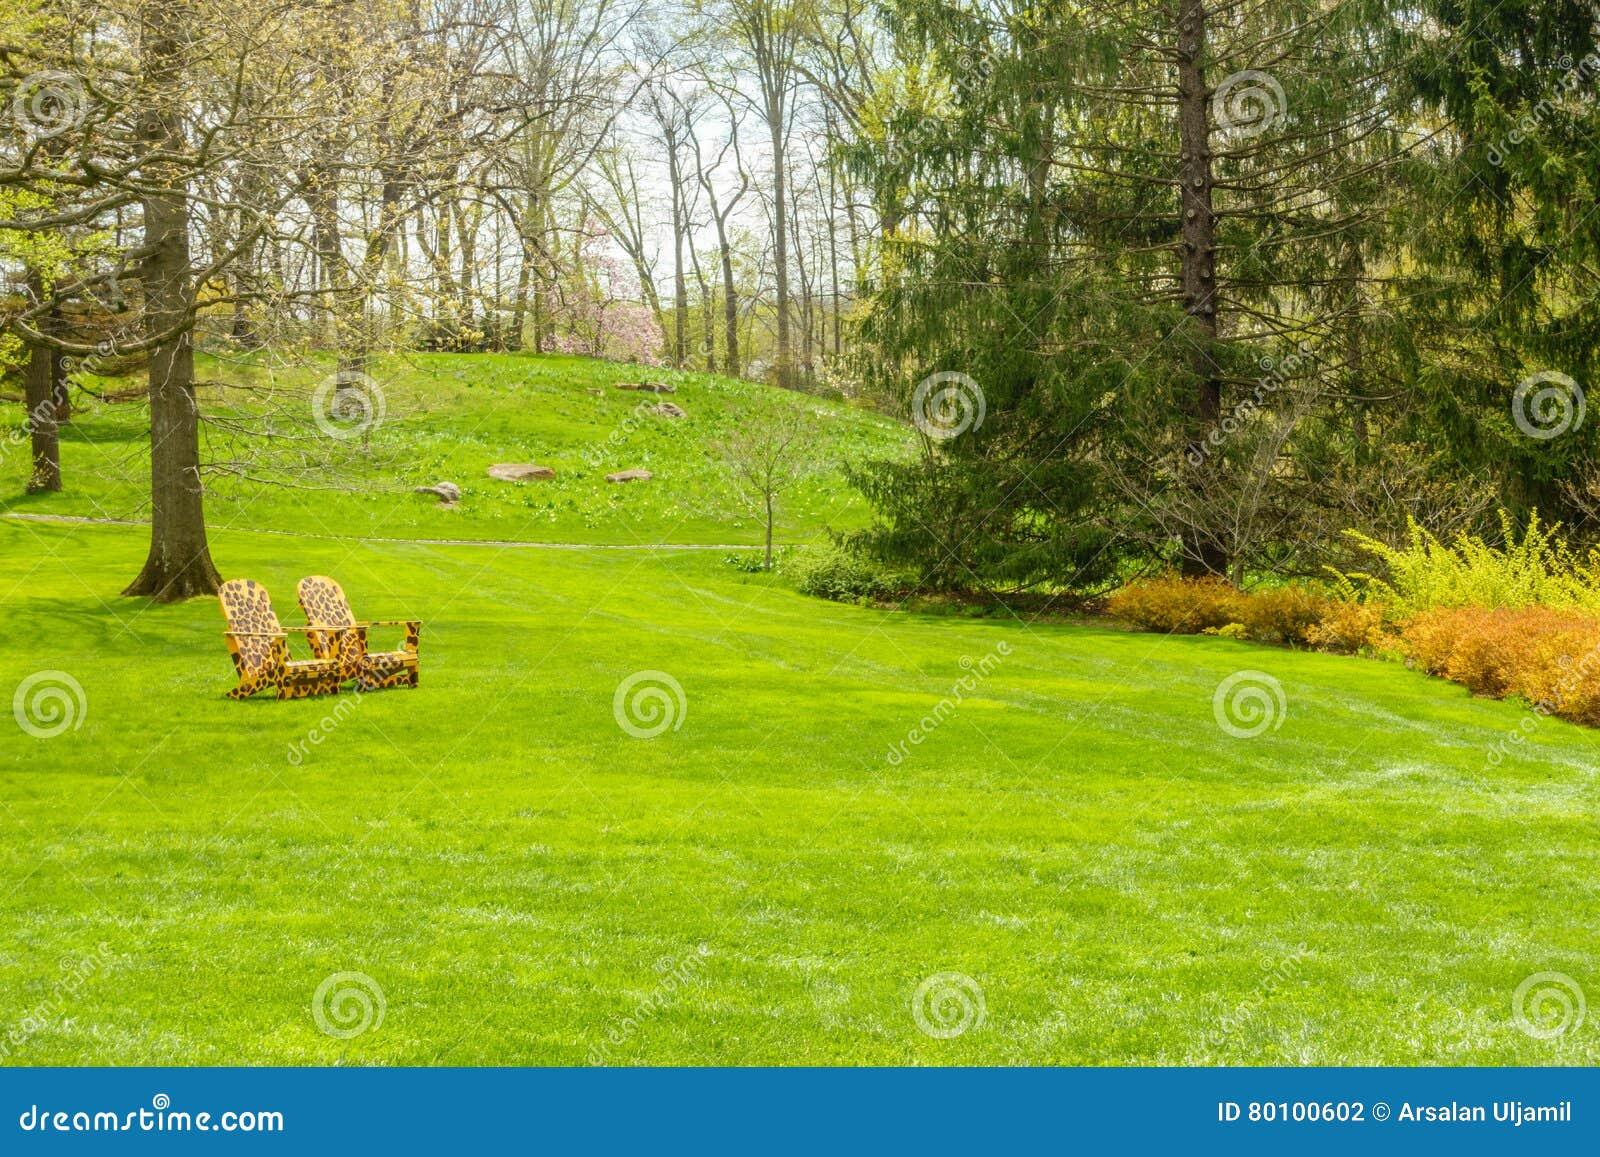 Jardim verde luxúria com cadeiras